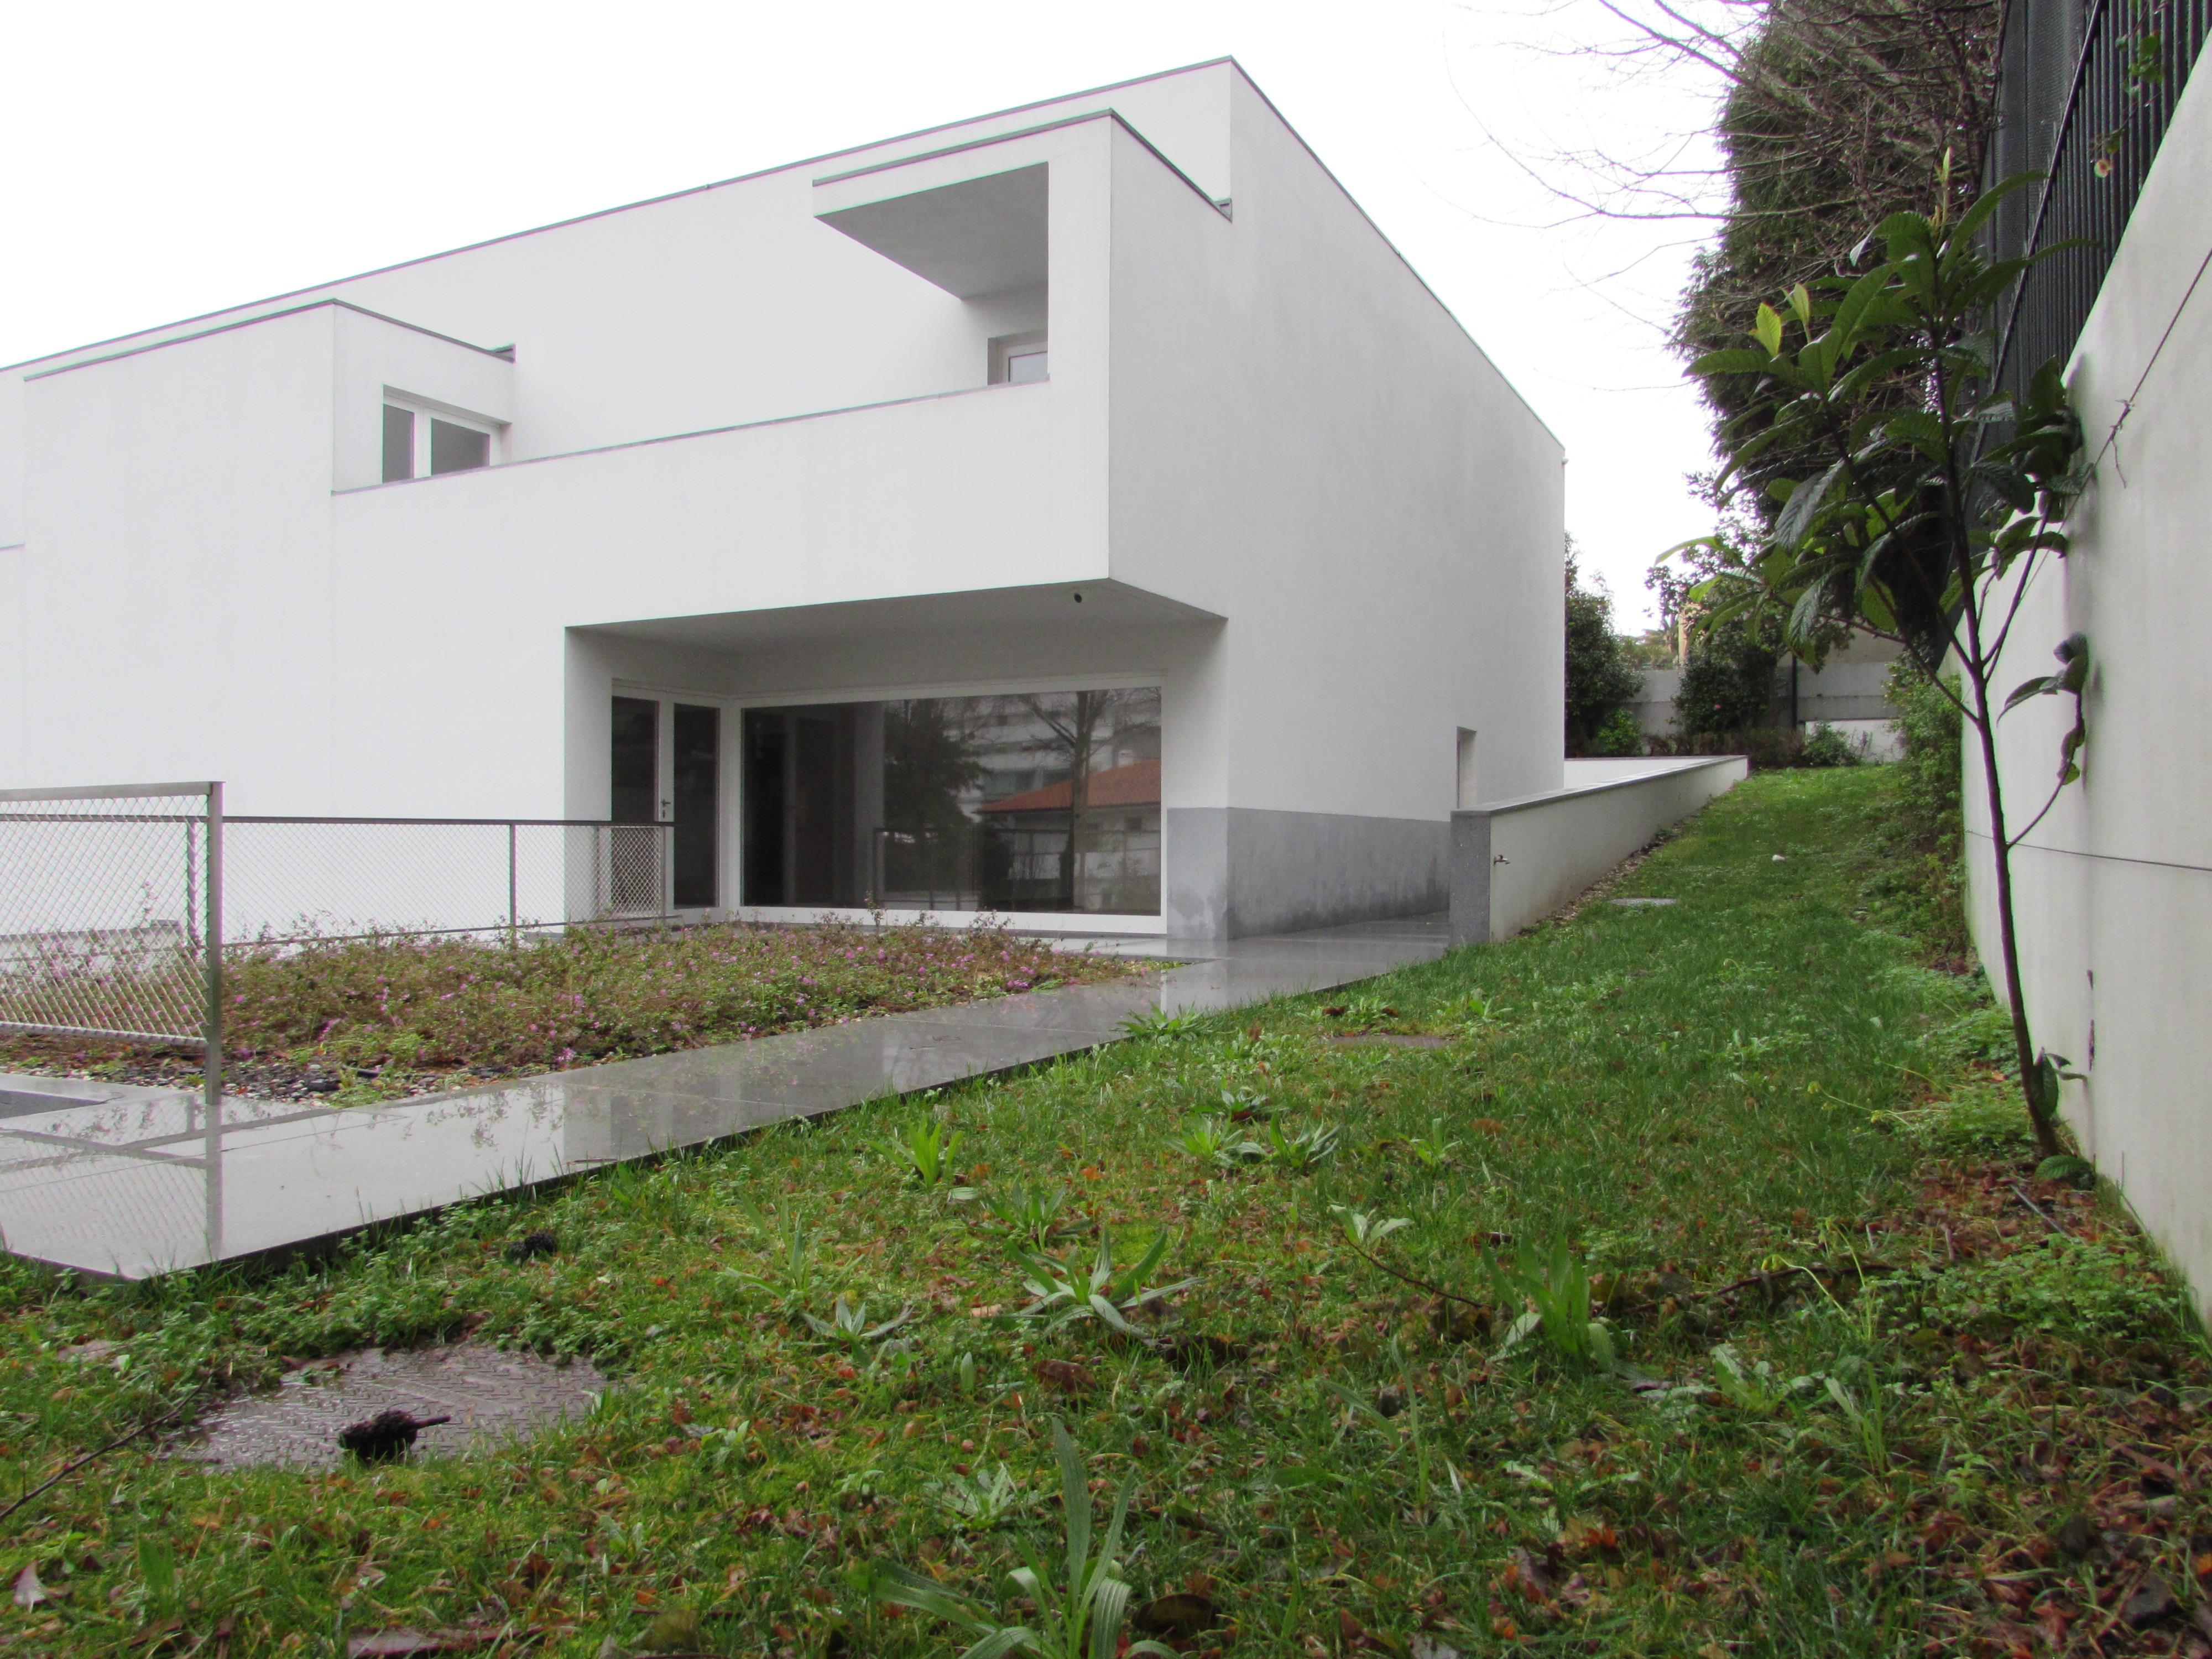 단독 가정 주택 용 매매 에 Semi-detached house, 5 bedrooms, for Sale Porto, 포트토, 4100-122 포르투갈